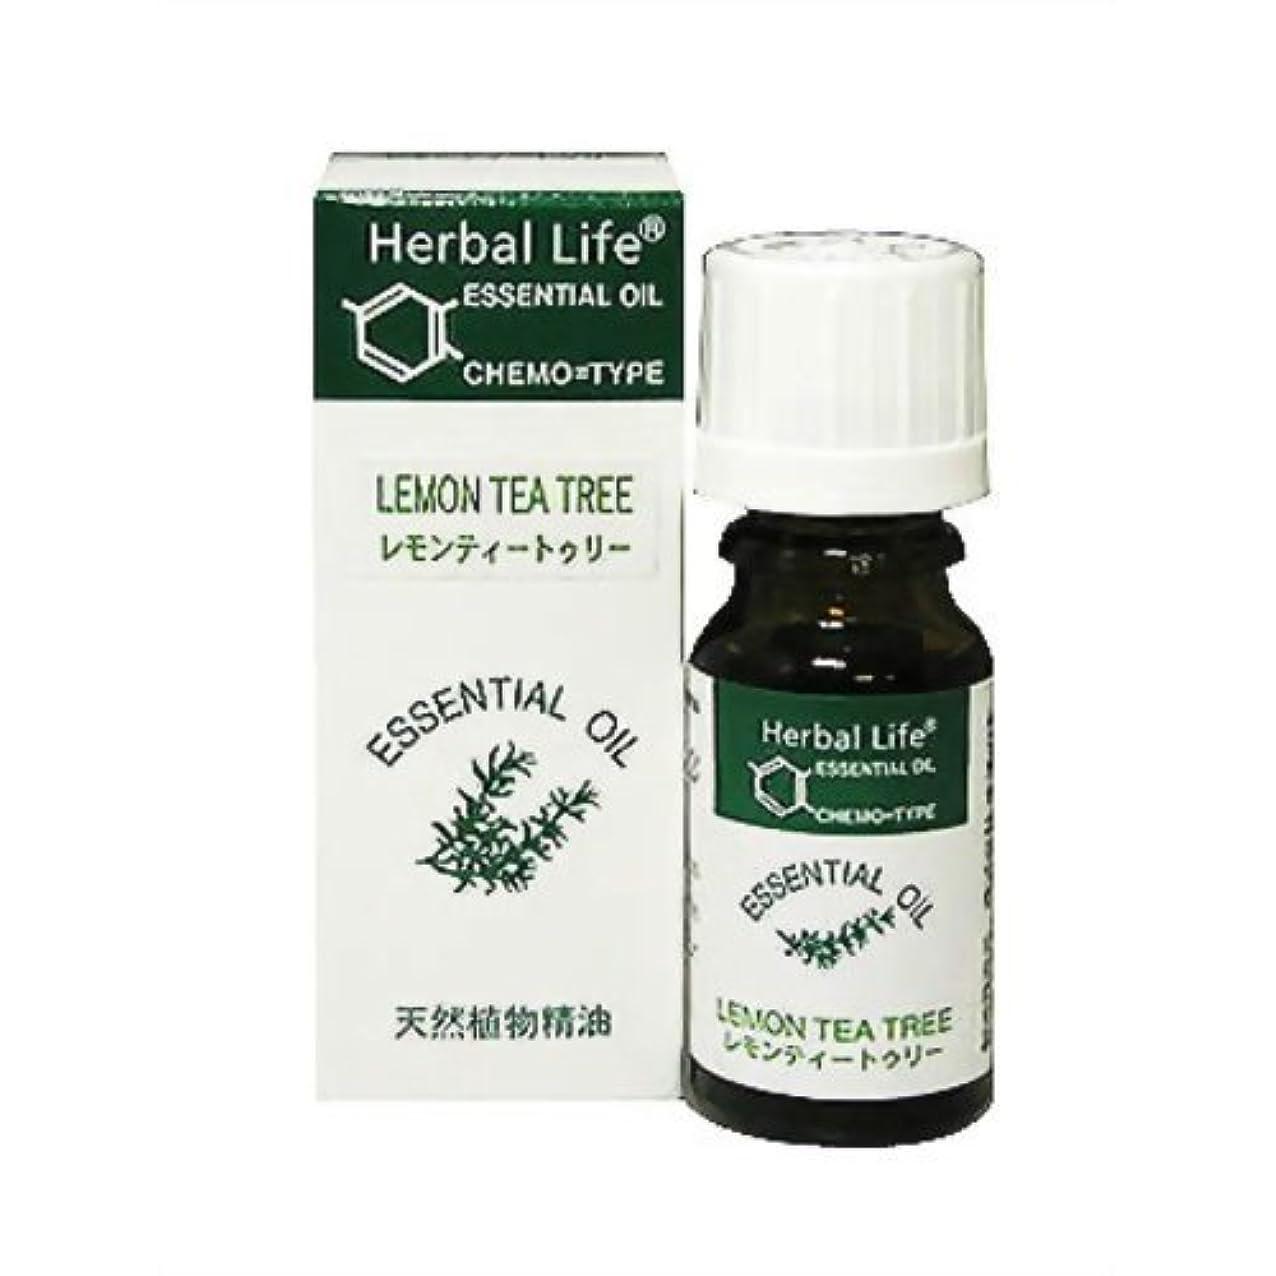 アンカー手錠中庭Herbal Life レモンティートゥリー 10ml